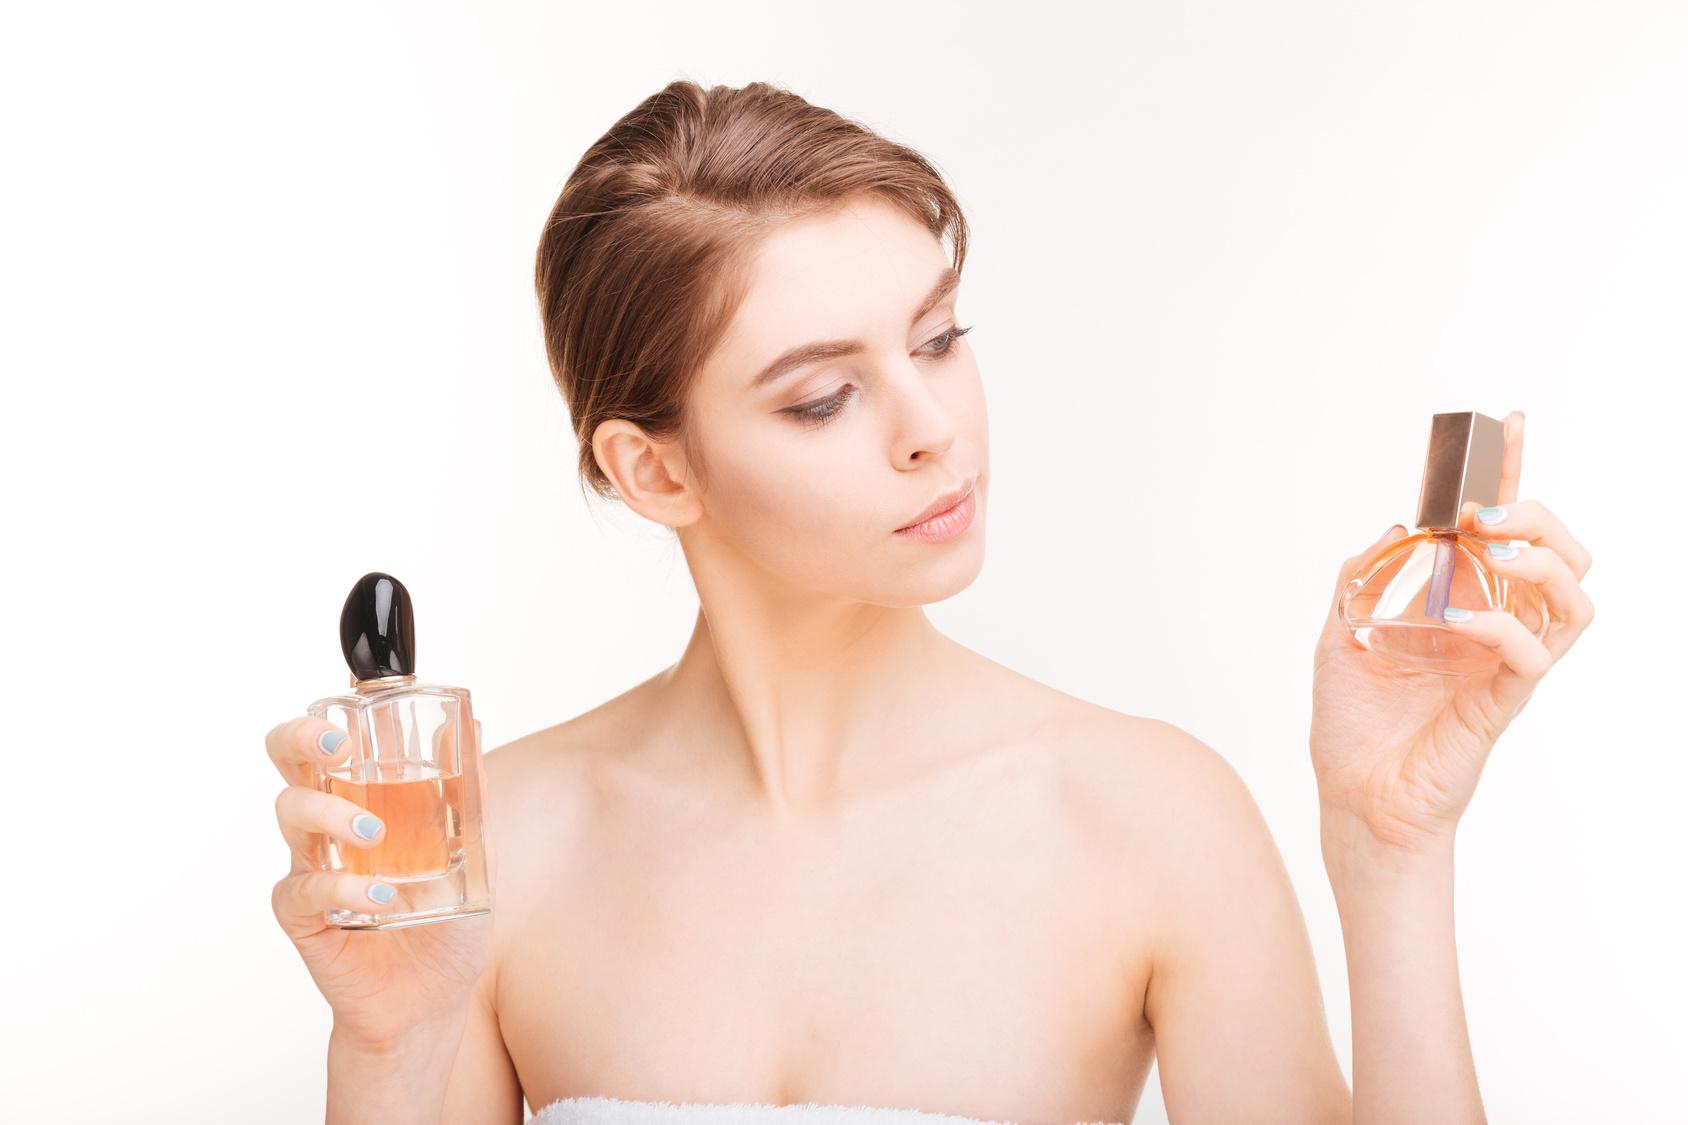 Jak dobierać perfumy na określone okazje? Cz. 2